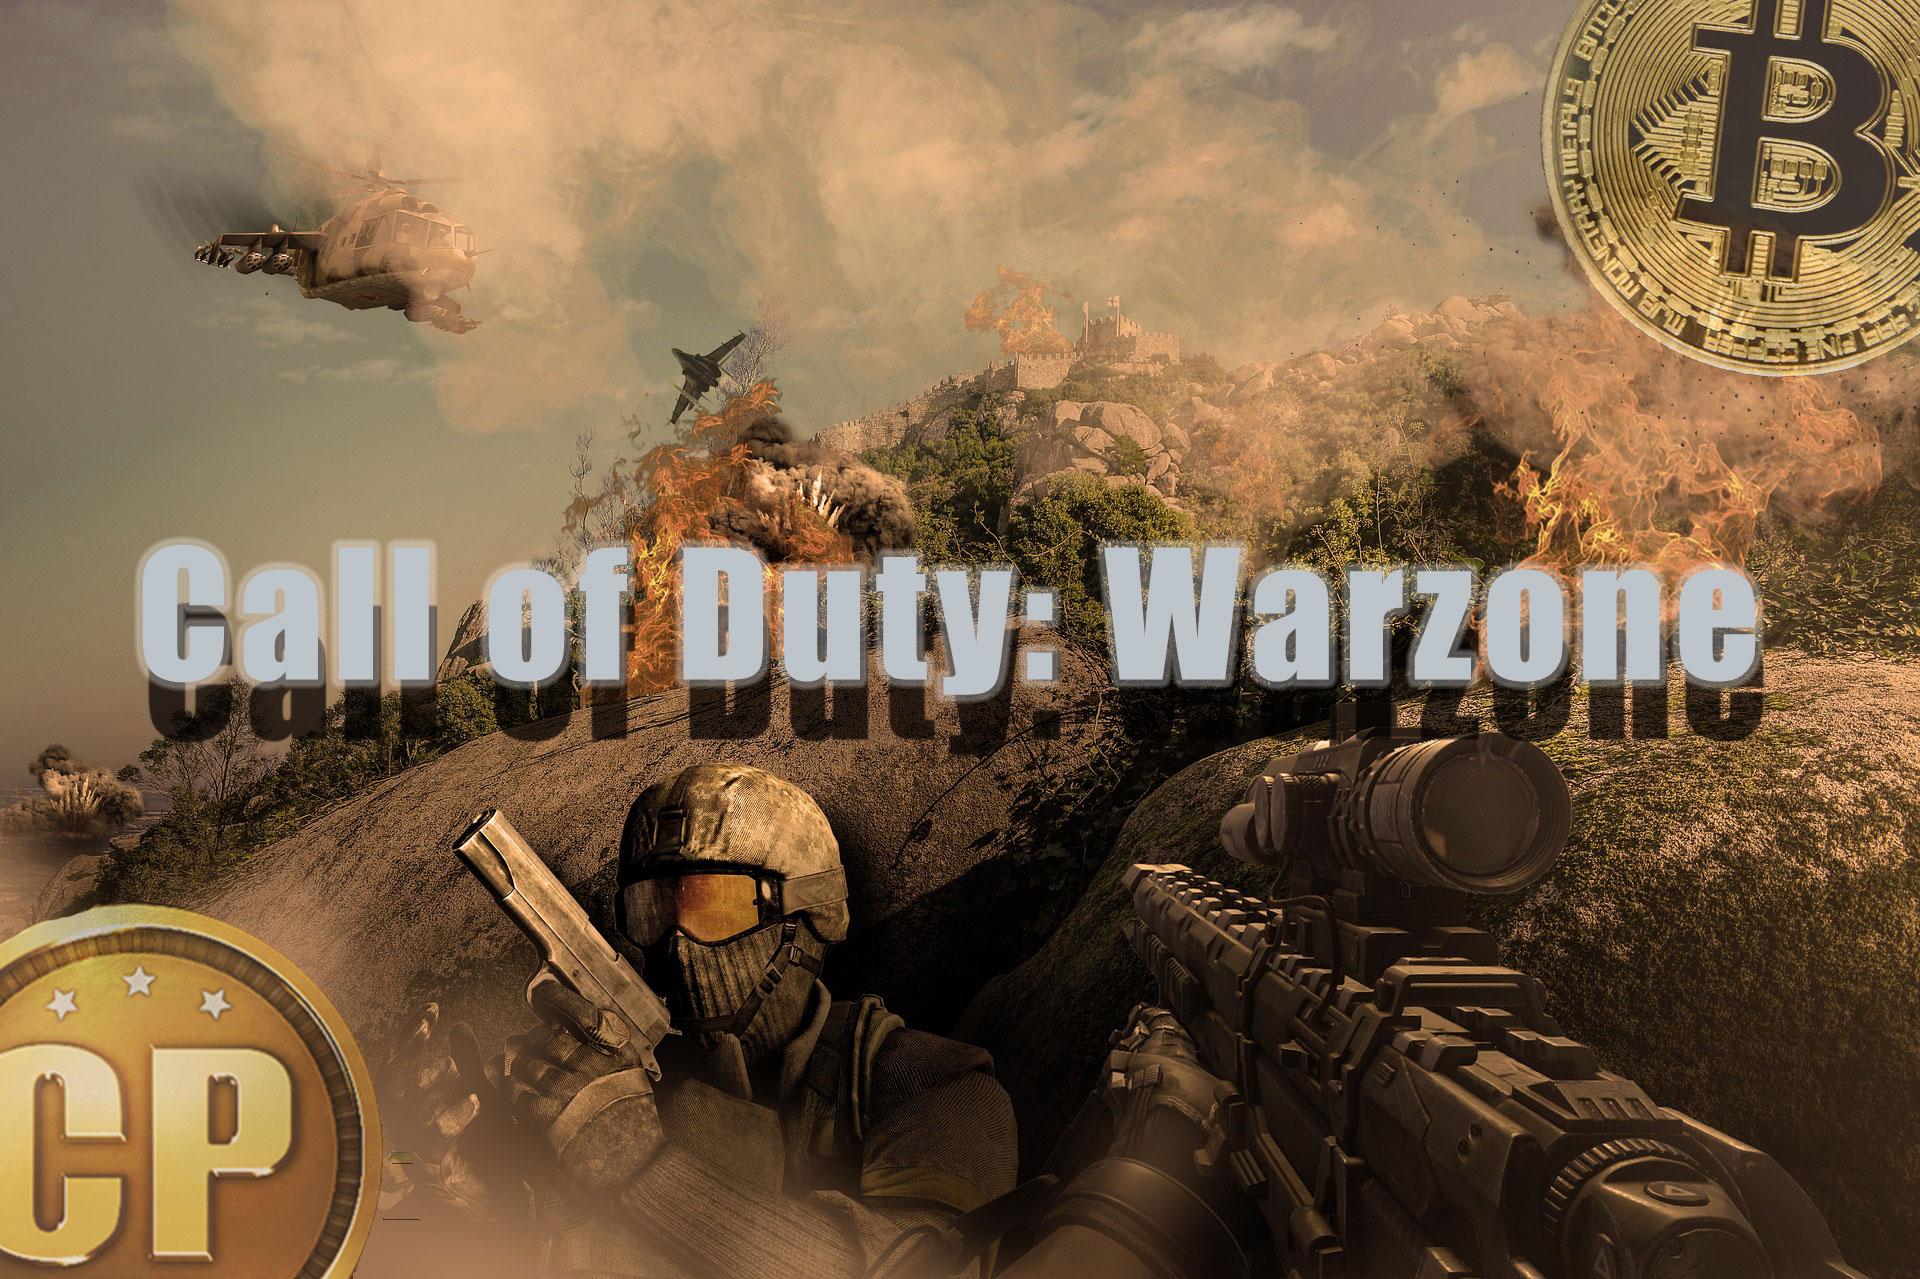 人気バトロワゲーム「Call of Duty」の最新作リリース!今後、仮想通貨との連携に期待!